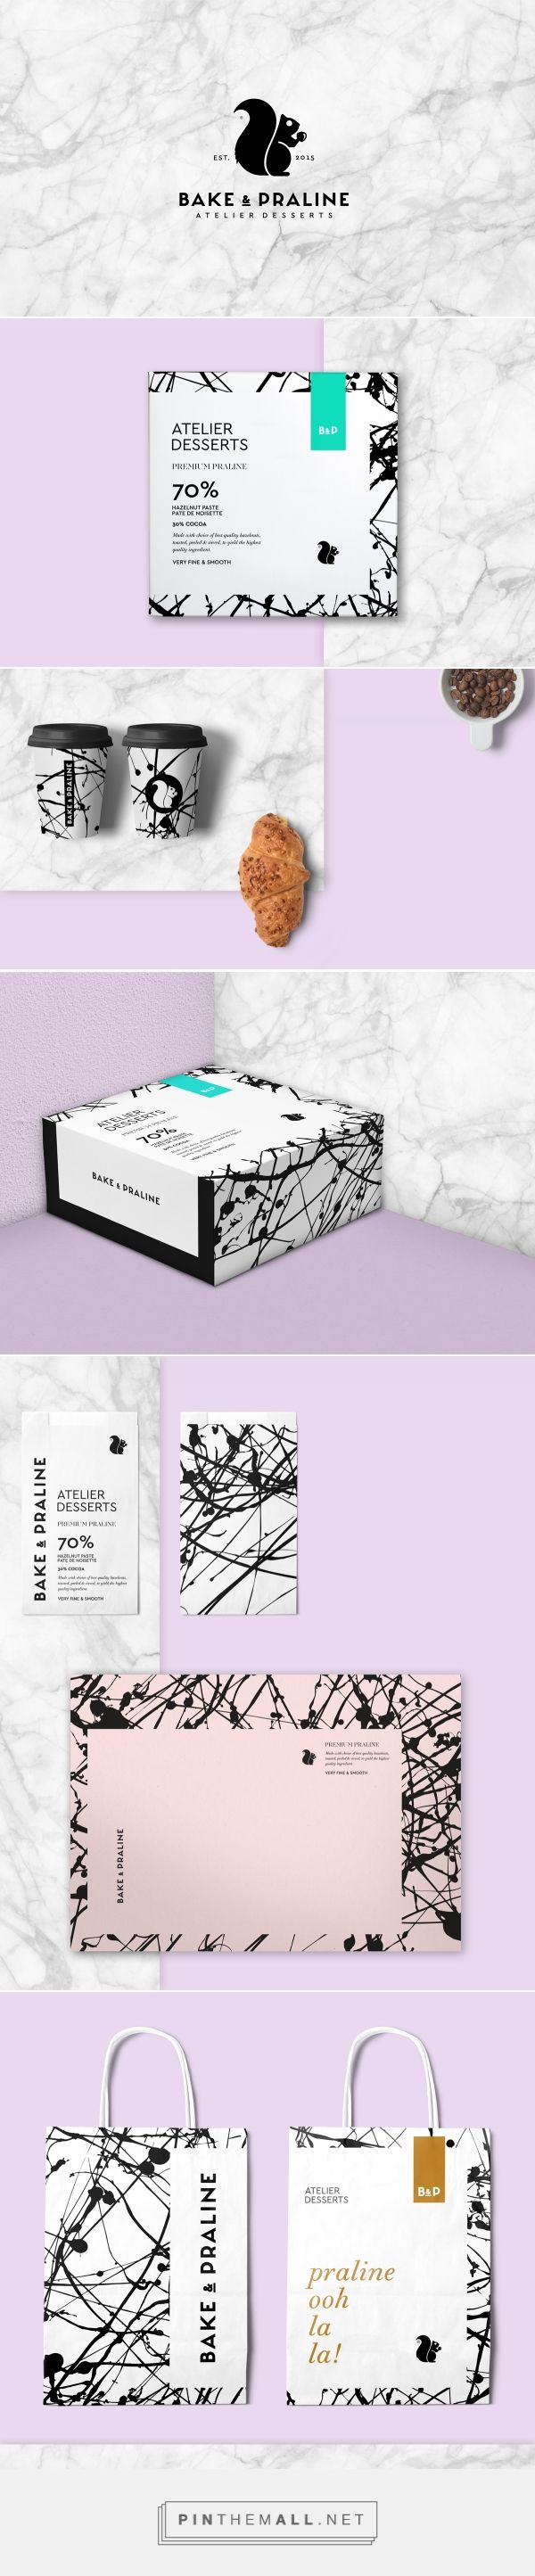 Bake & Praline Branding on Behance | Fivestar Branding – Design and…